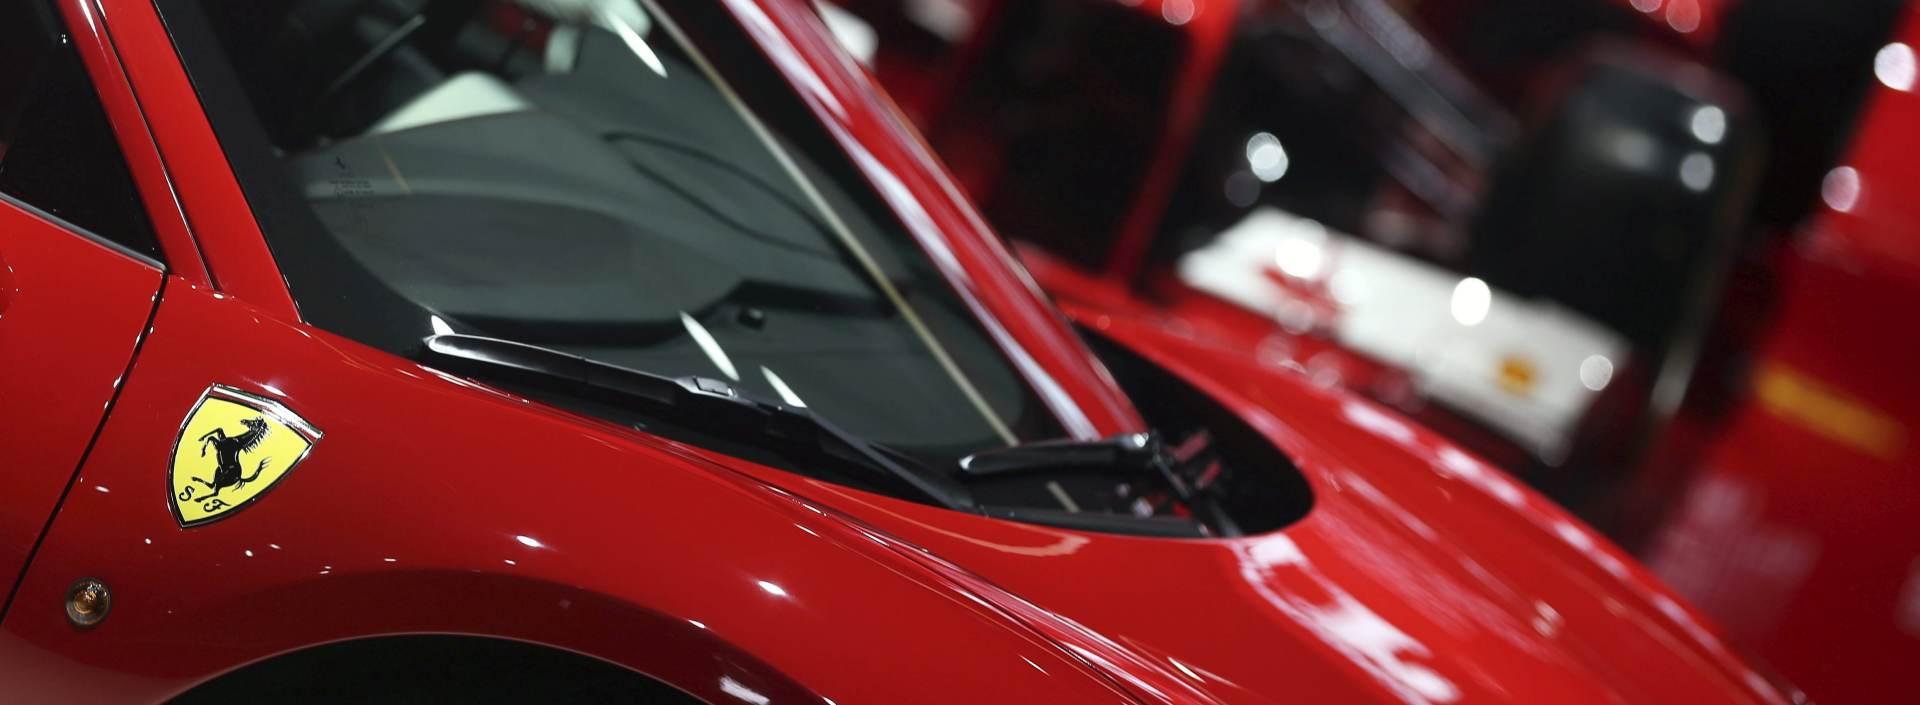 Dionica Ferrarija od srijede na Wall Streetu, cijena u IPO-u 52 dolara